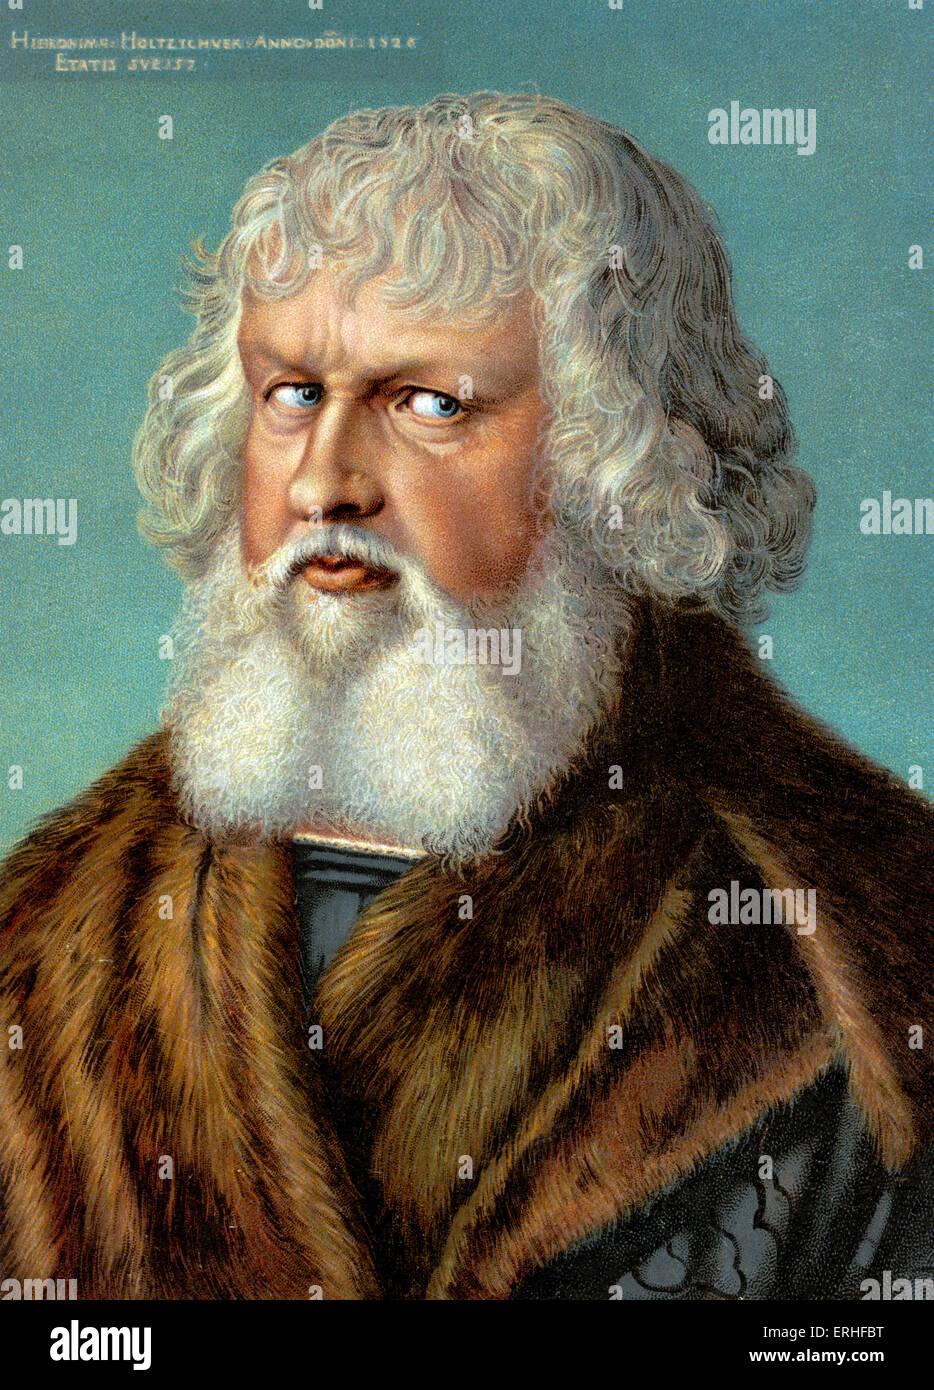 Albrecht Dürer - deutscher Künstler, Maler - Porträt 21 Mai 1471-6 April 1528 Stockbild